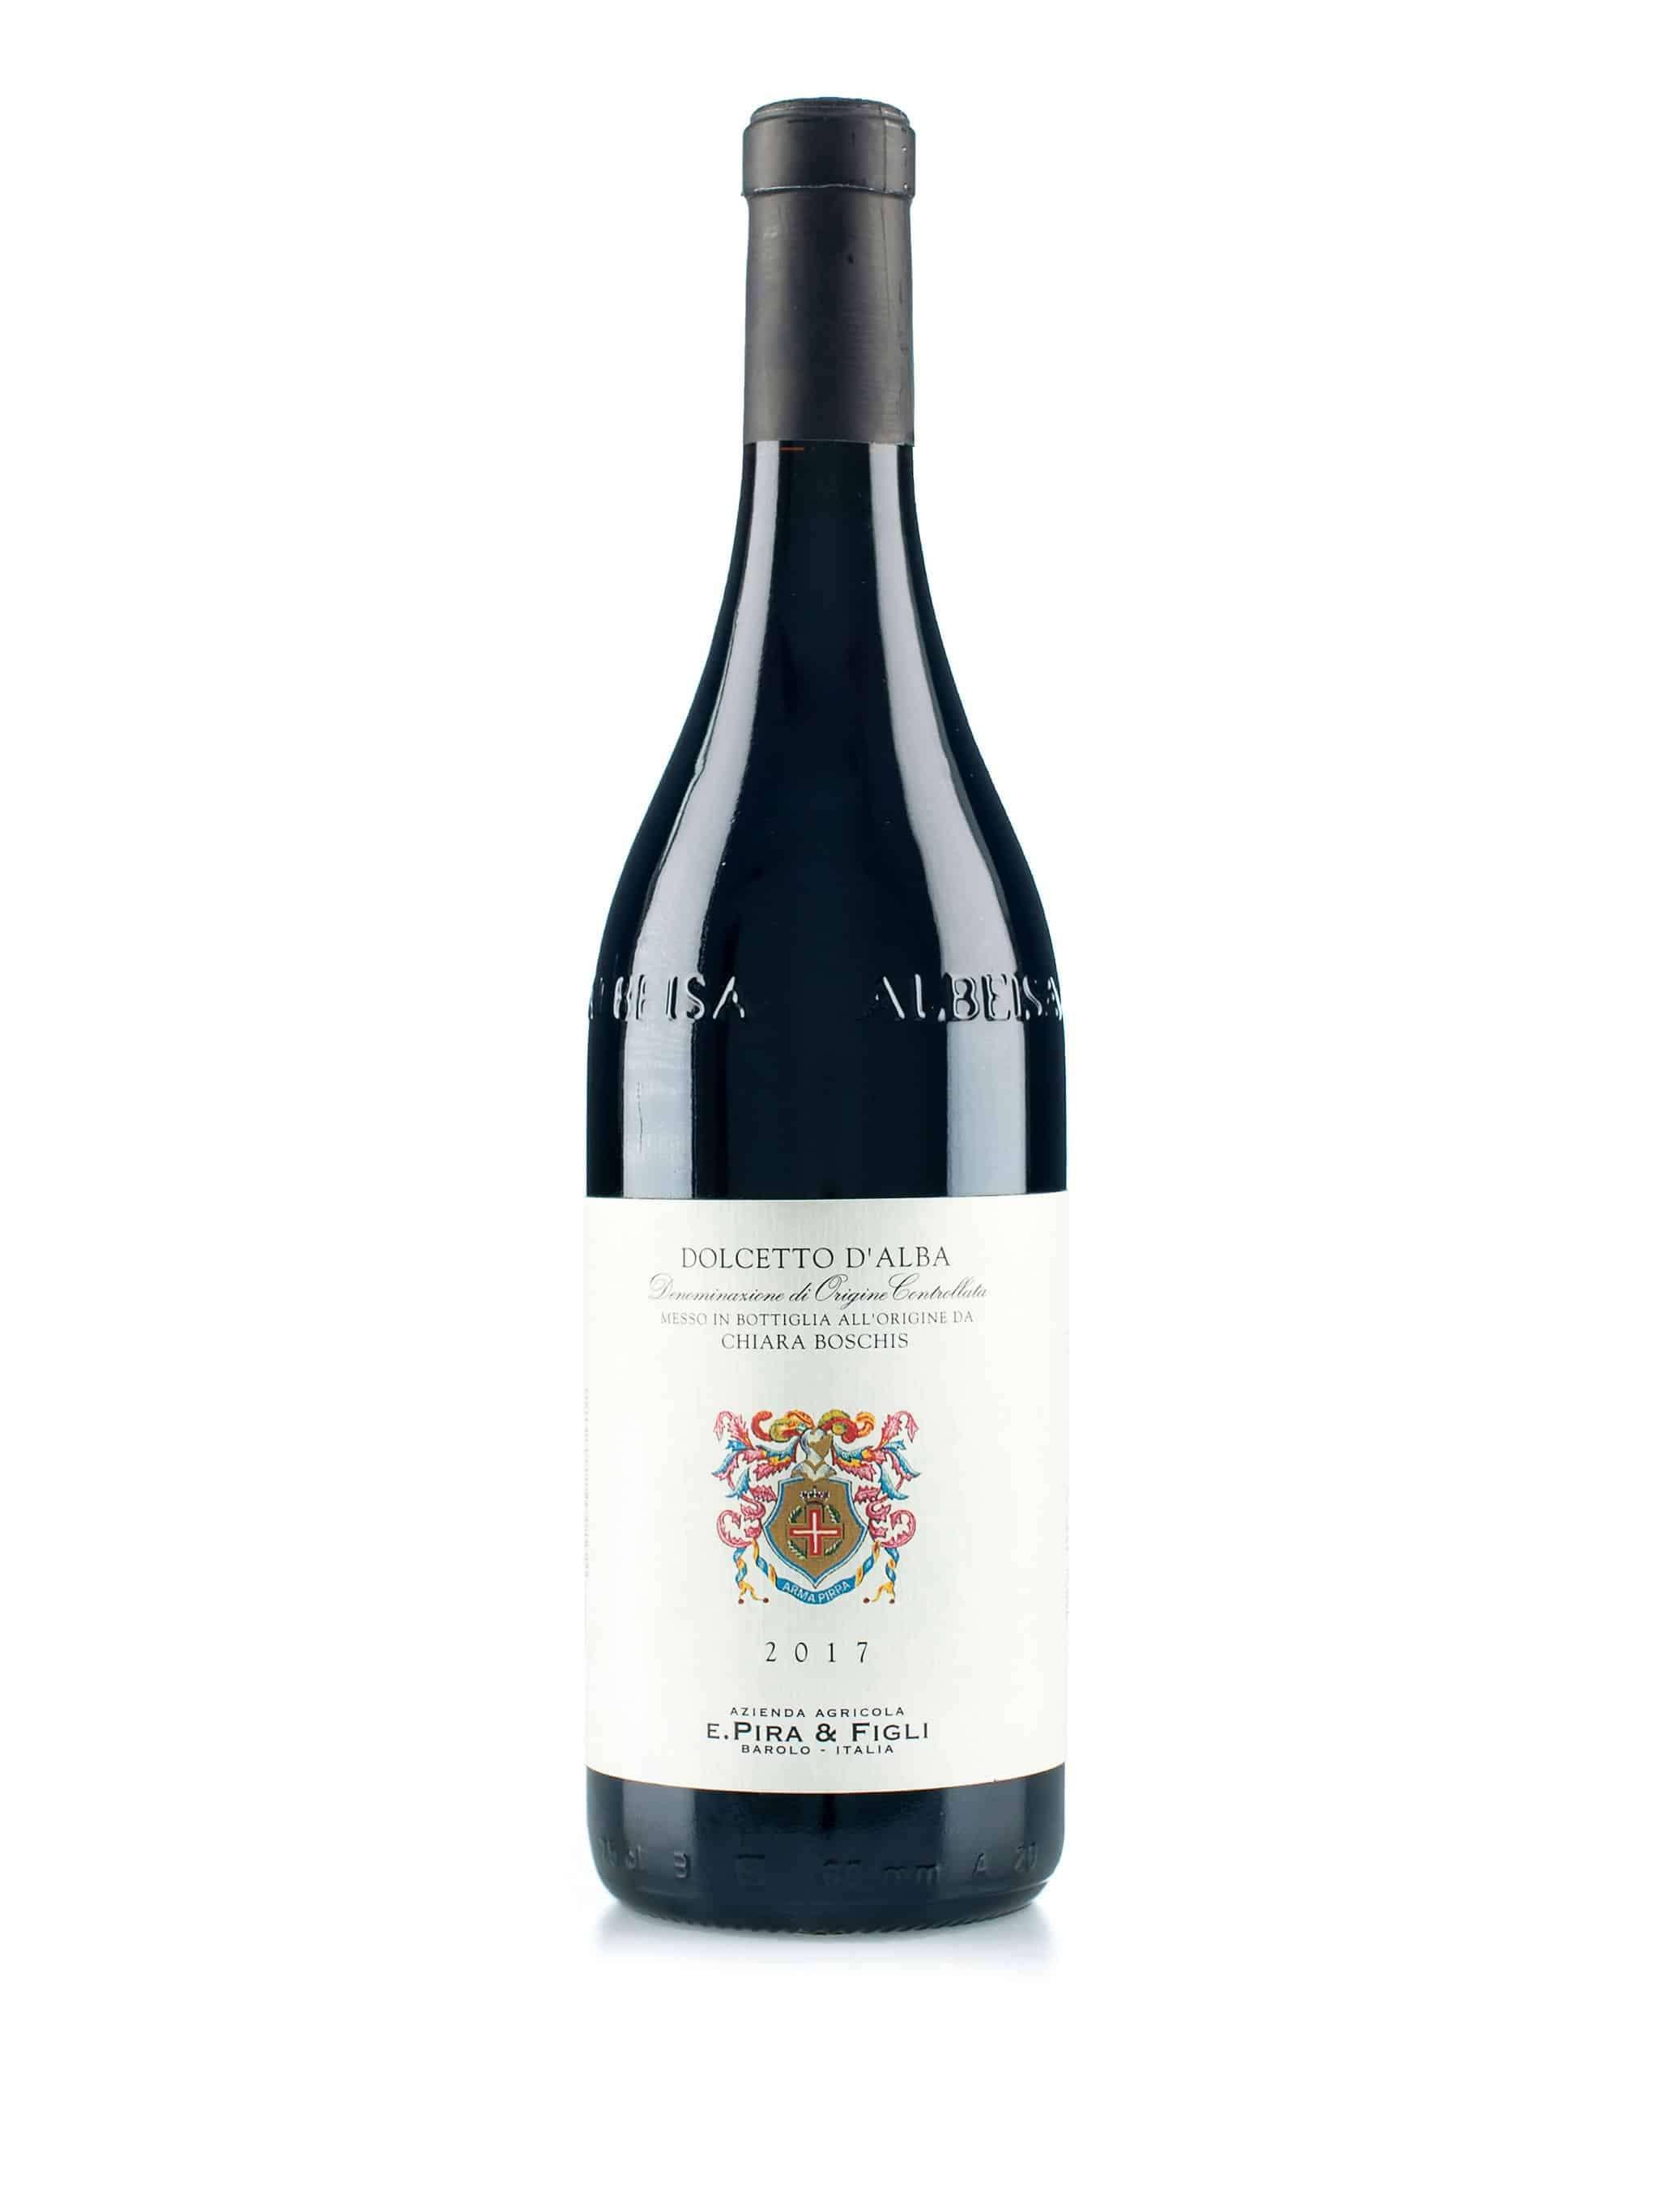 Italiaanse rode wijn van wijndomein Pira & Figli: Dolcetto d'Alba